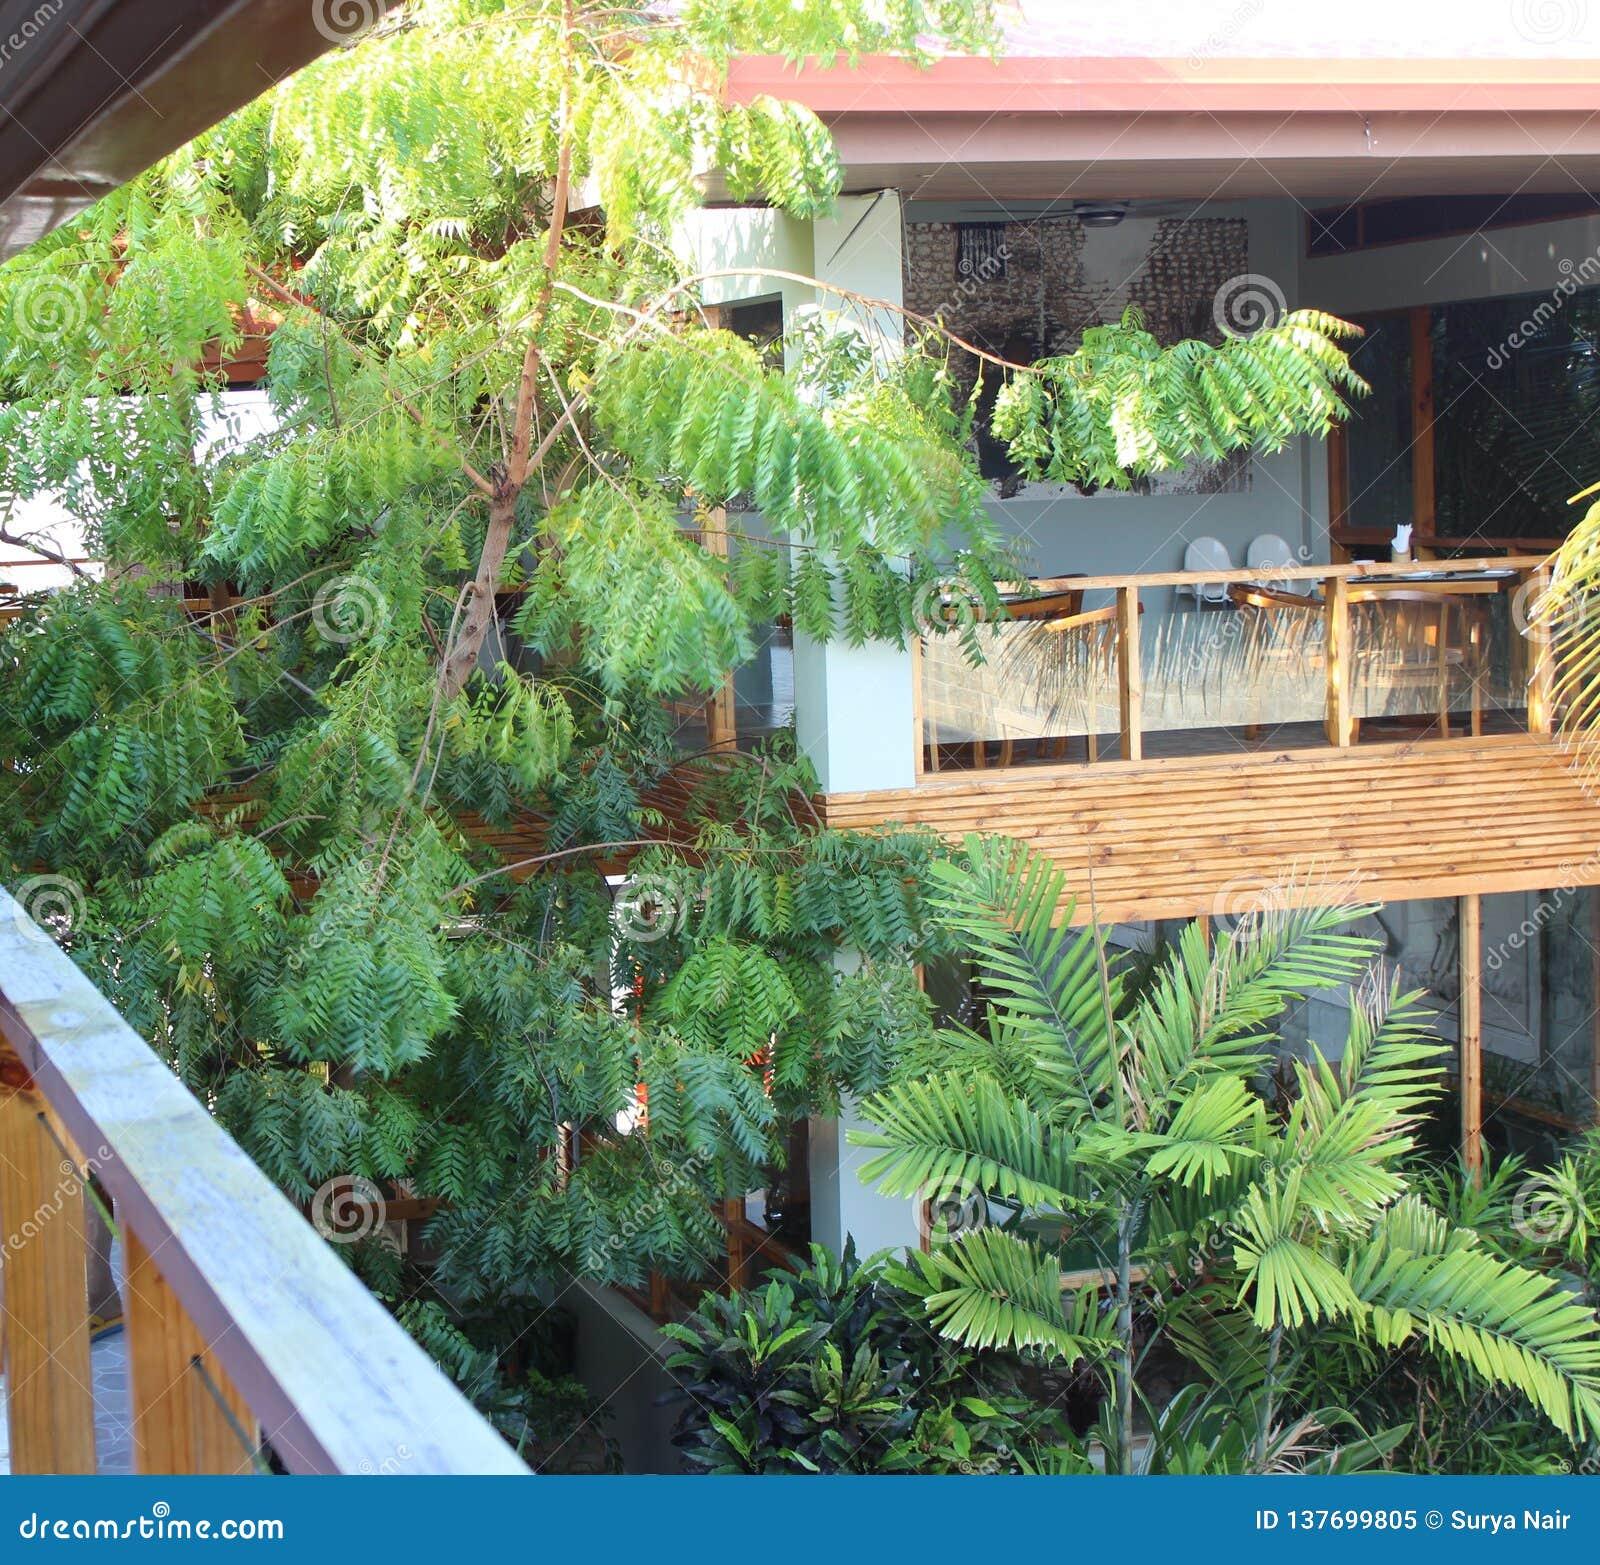 Vue de balcon, de terrasse donnant sur dans la cour et d un restaurant qui a des arbres et des buissons